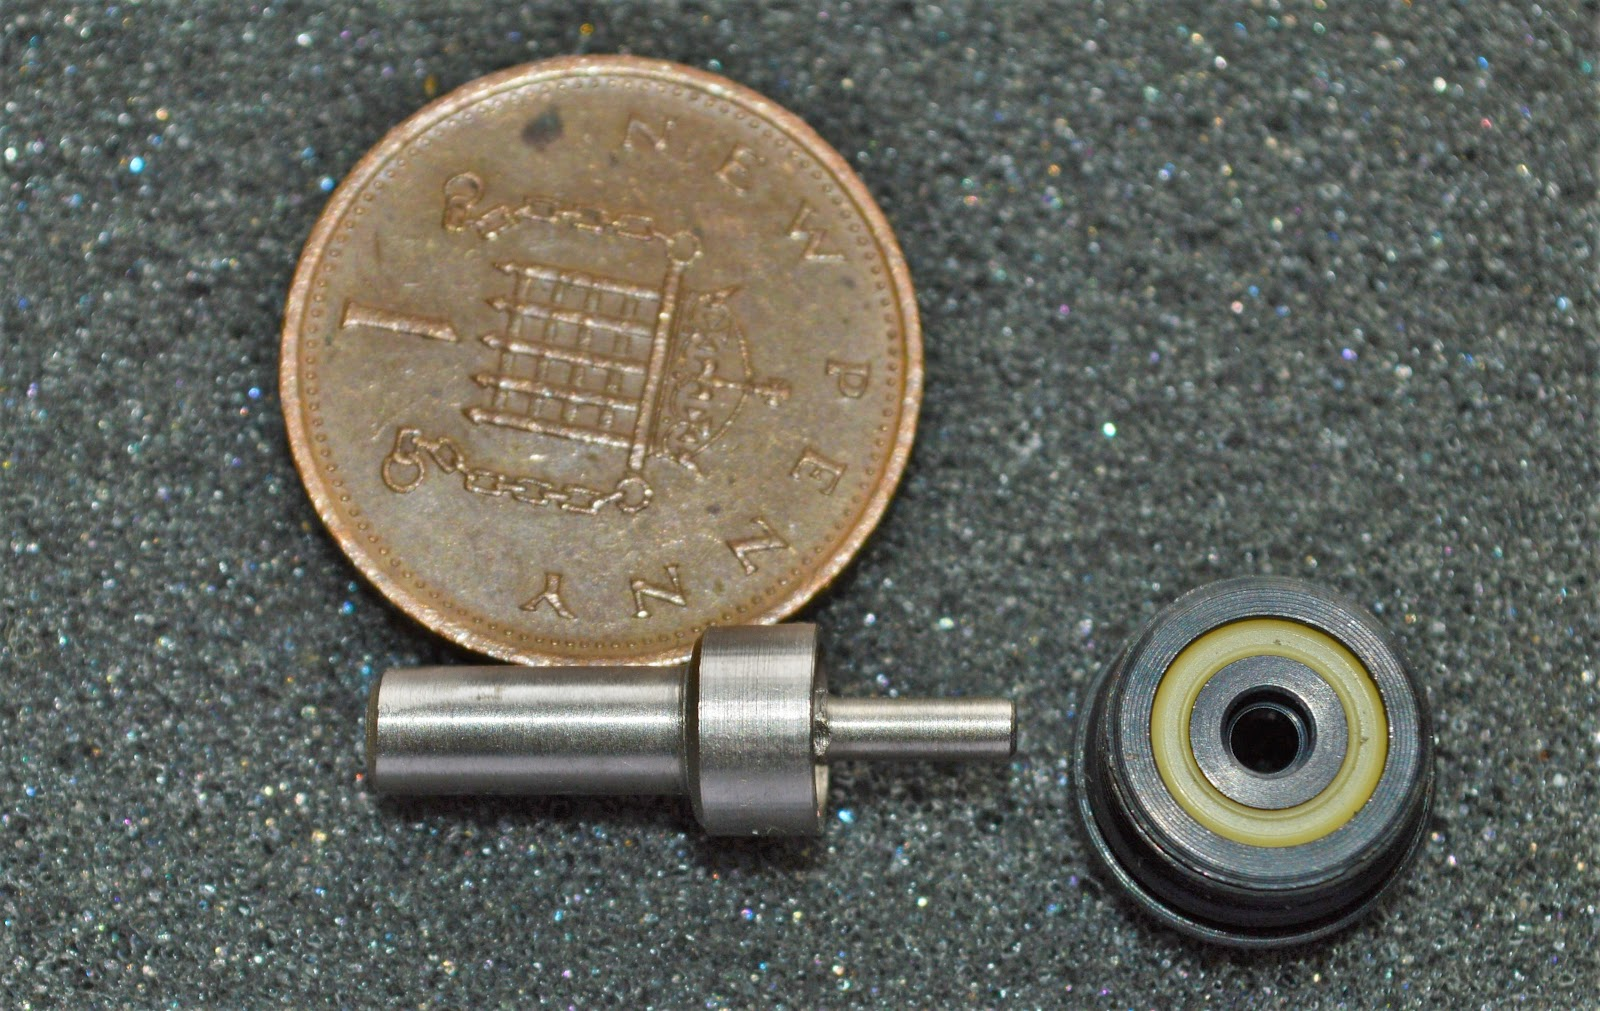 the valve stem